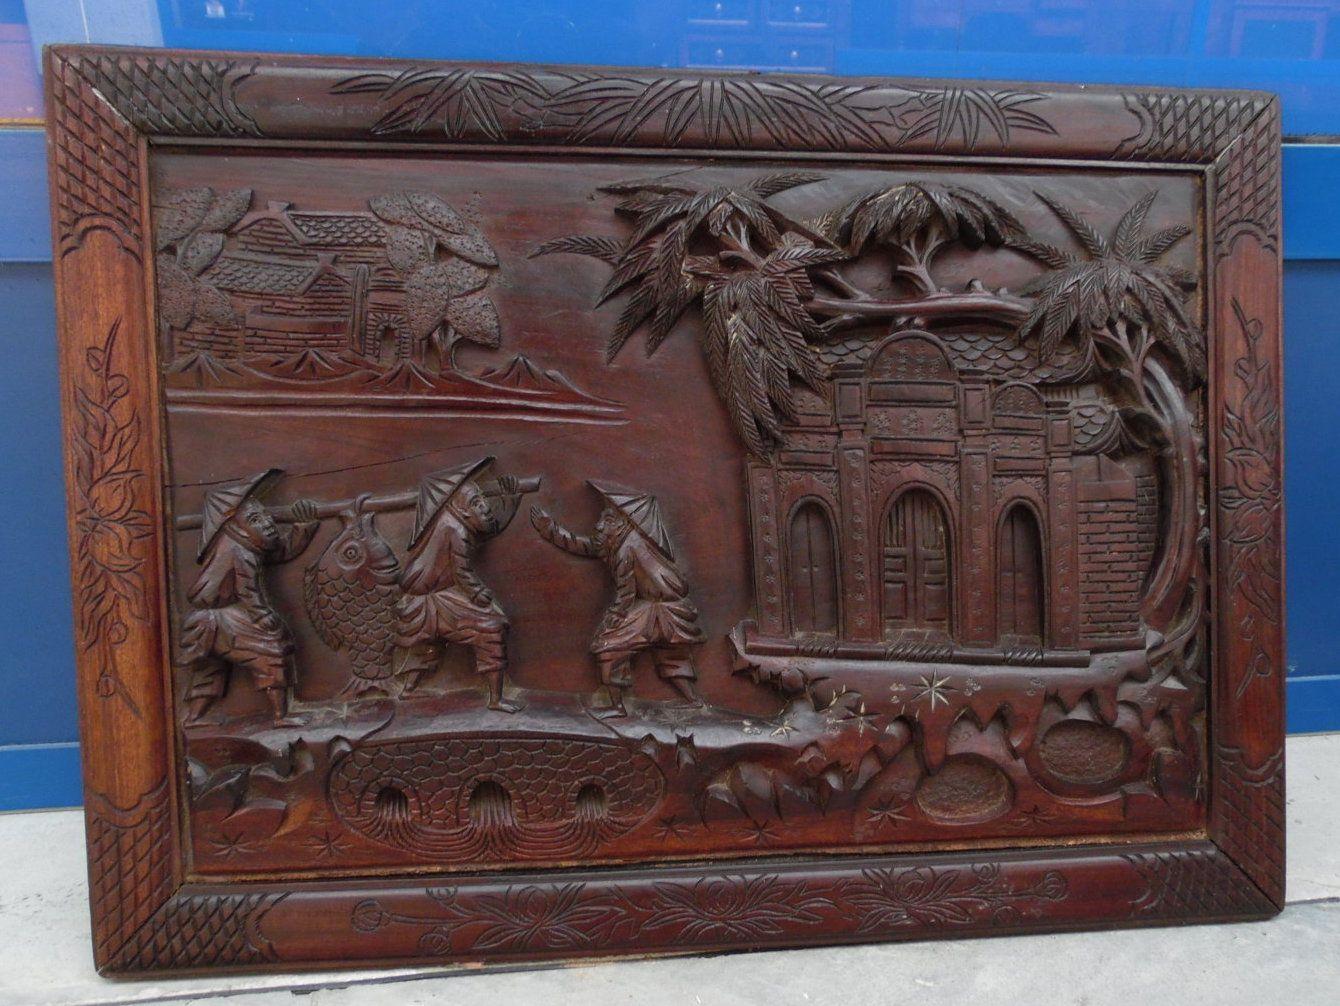 Quadro in legno esotico scolpito con pescatori lato 65 x 47 cm